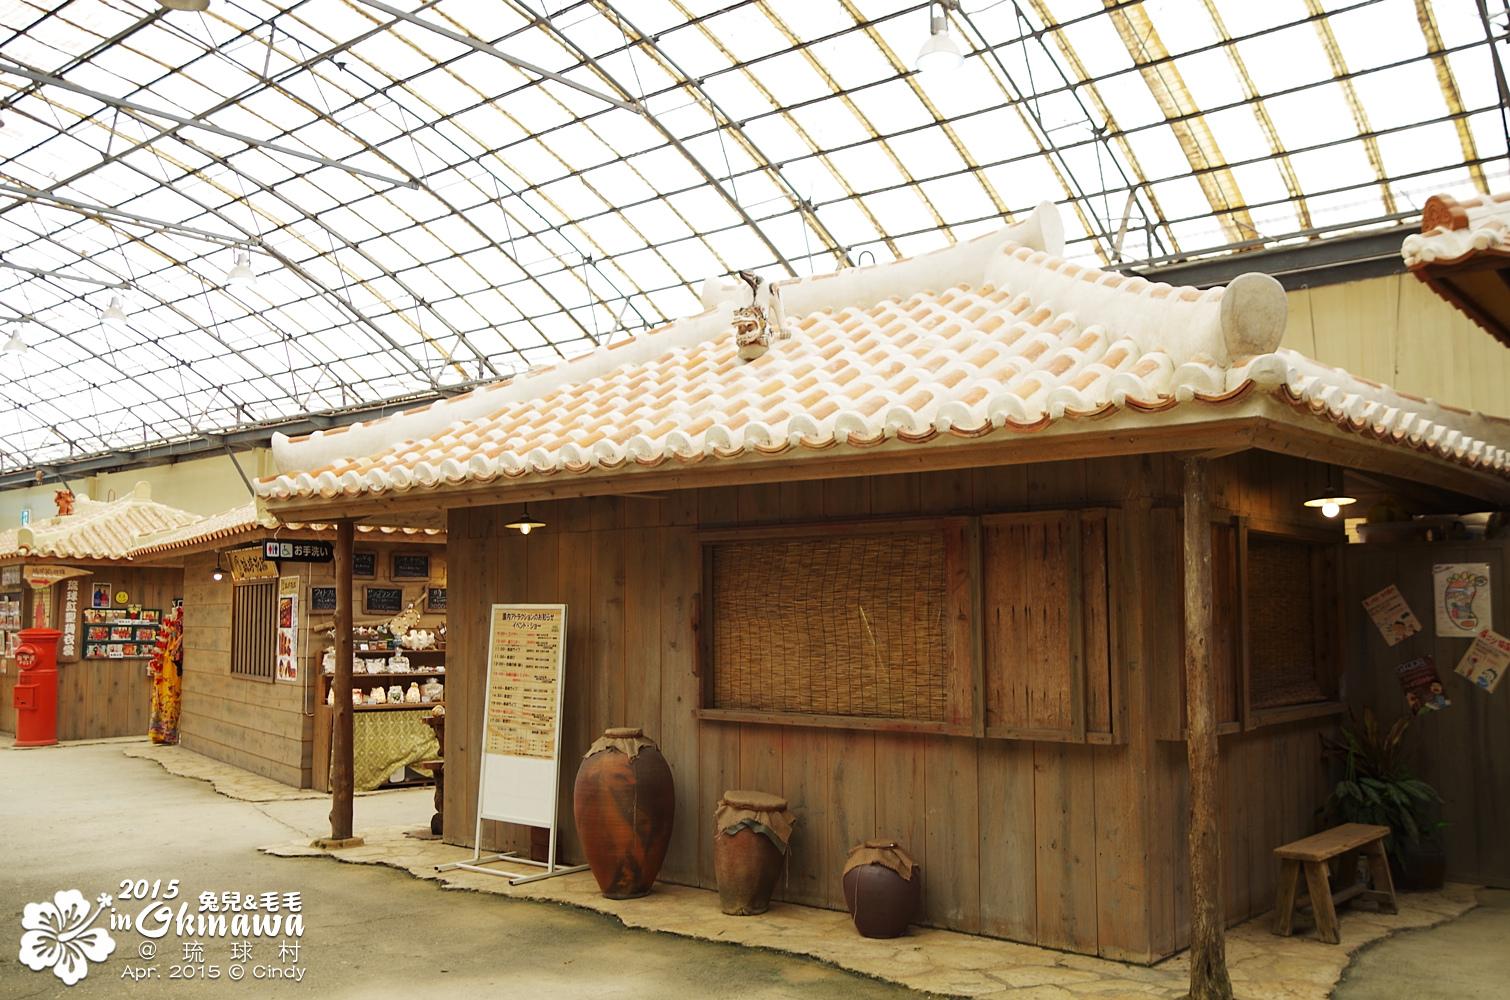 2015-0407-琉球村-04.jpg